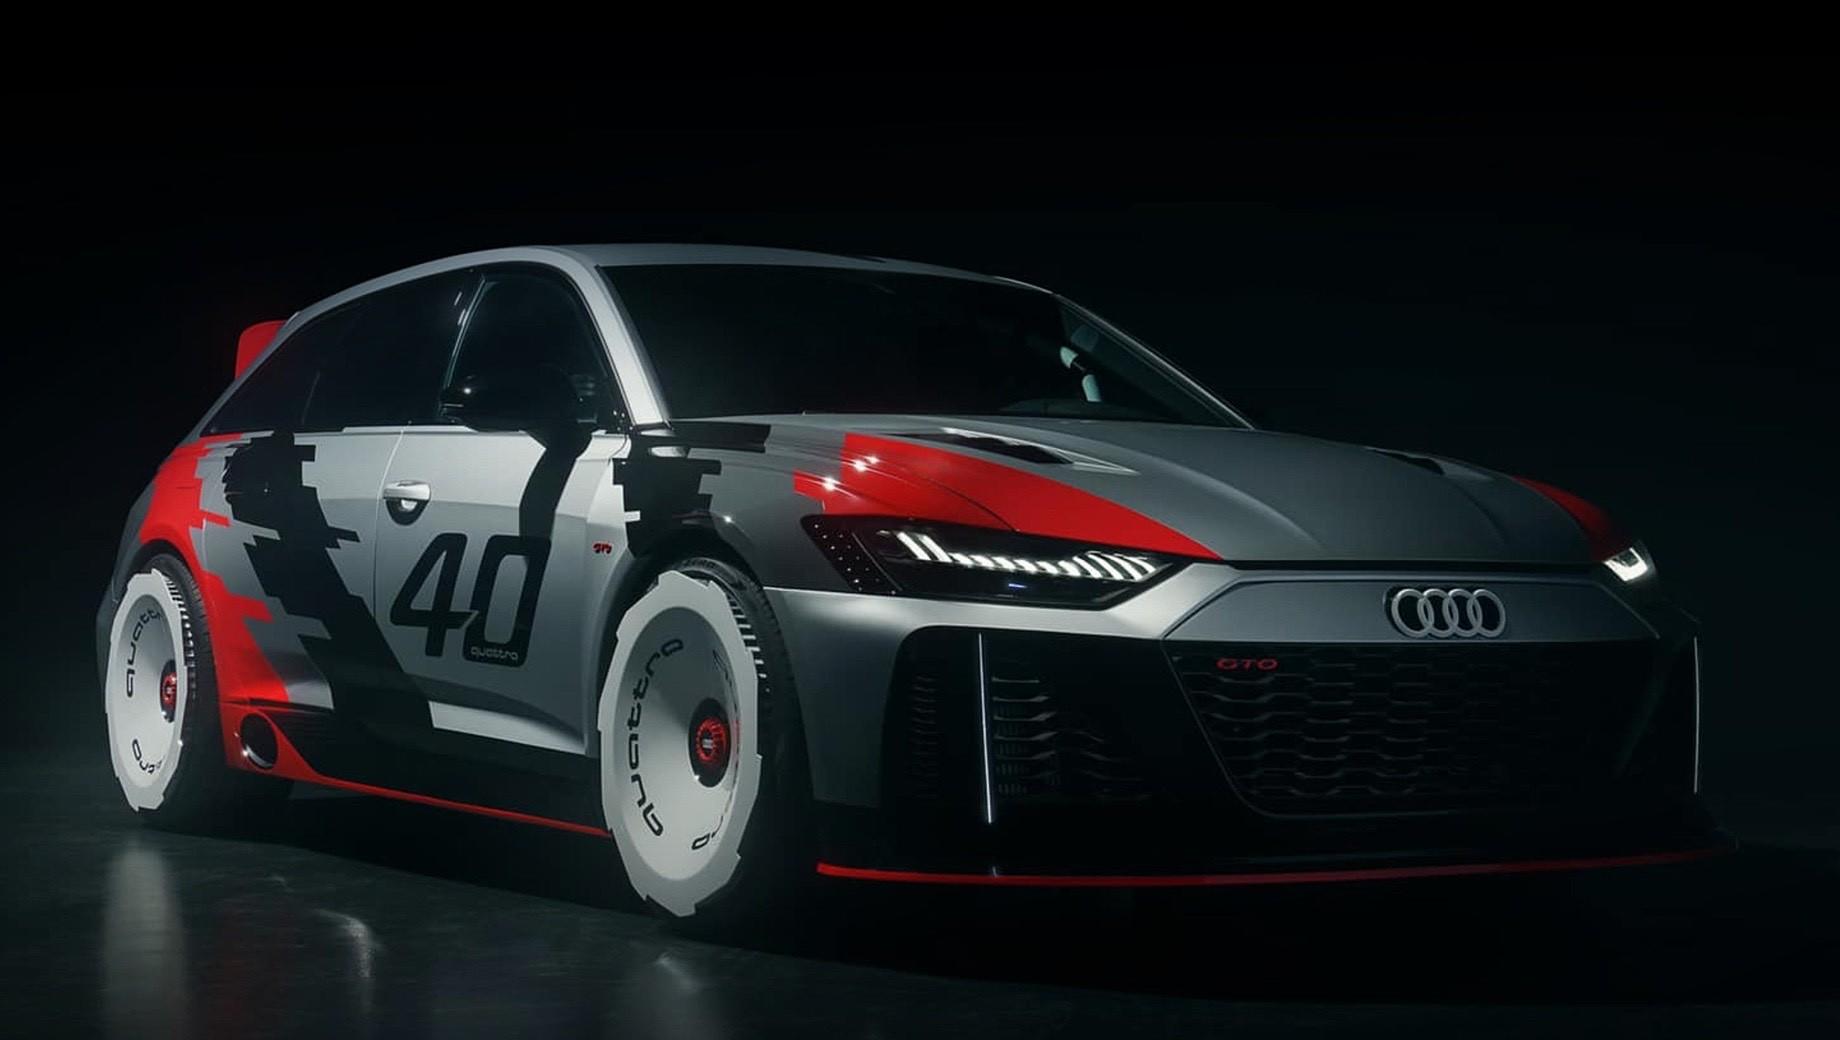 Audi RS 6 GTO напомнит о достижениях отделения quattro в США